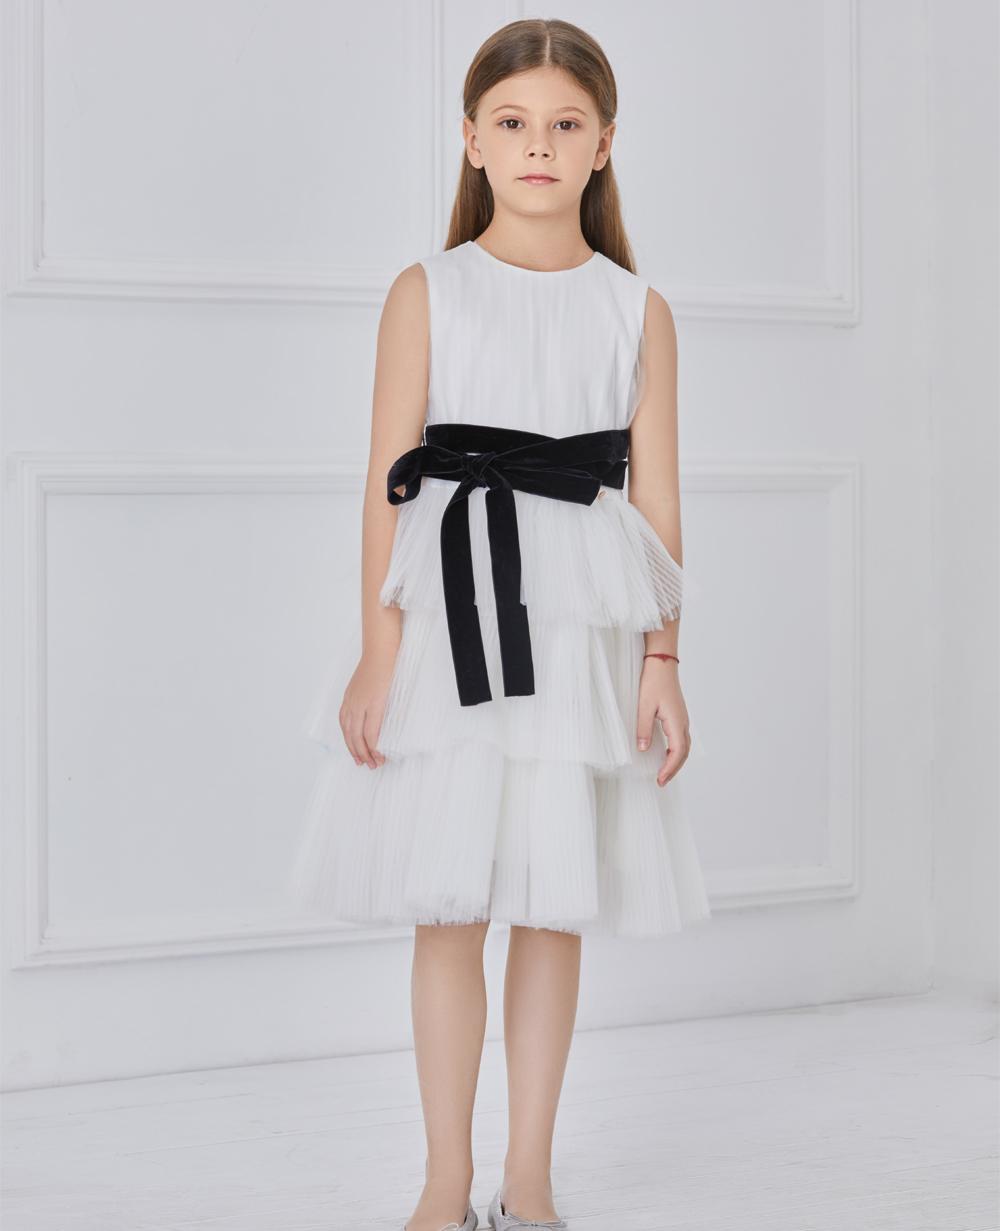 White with black sash tuelle dress